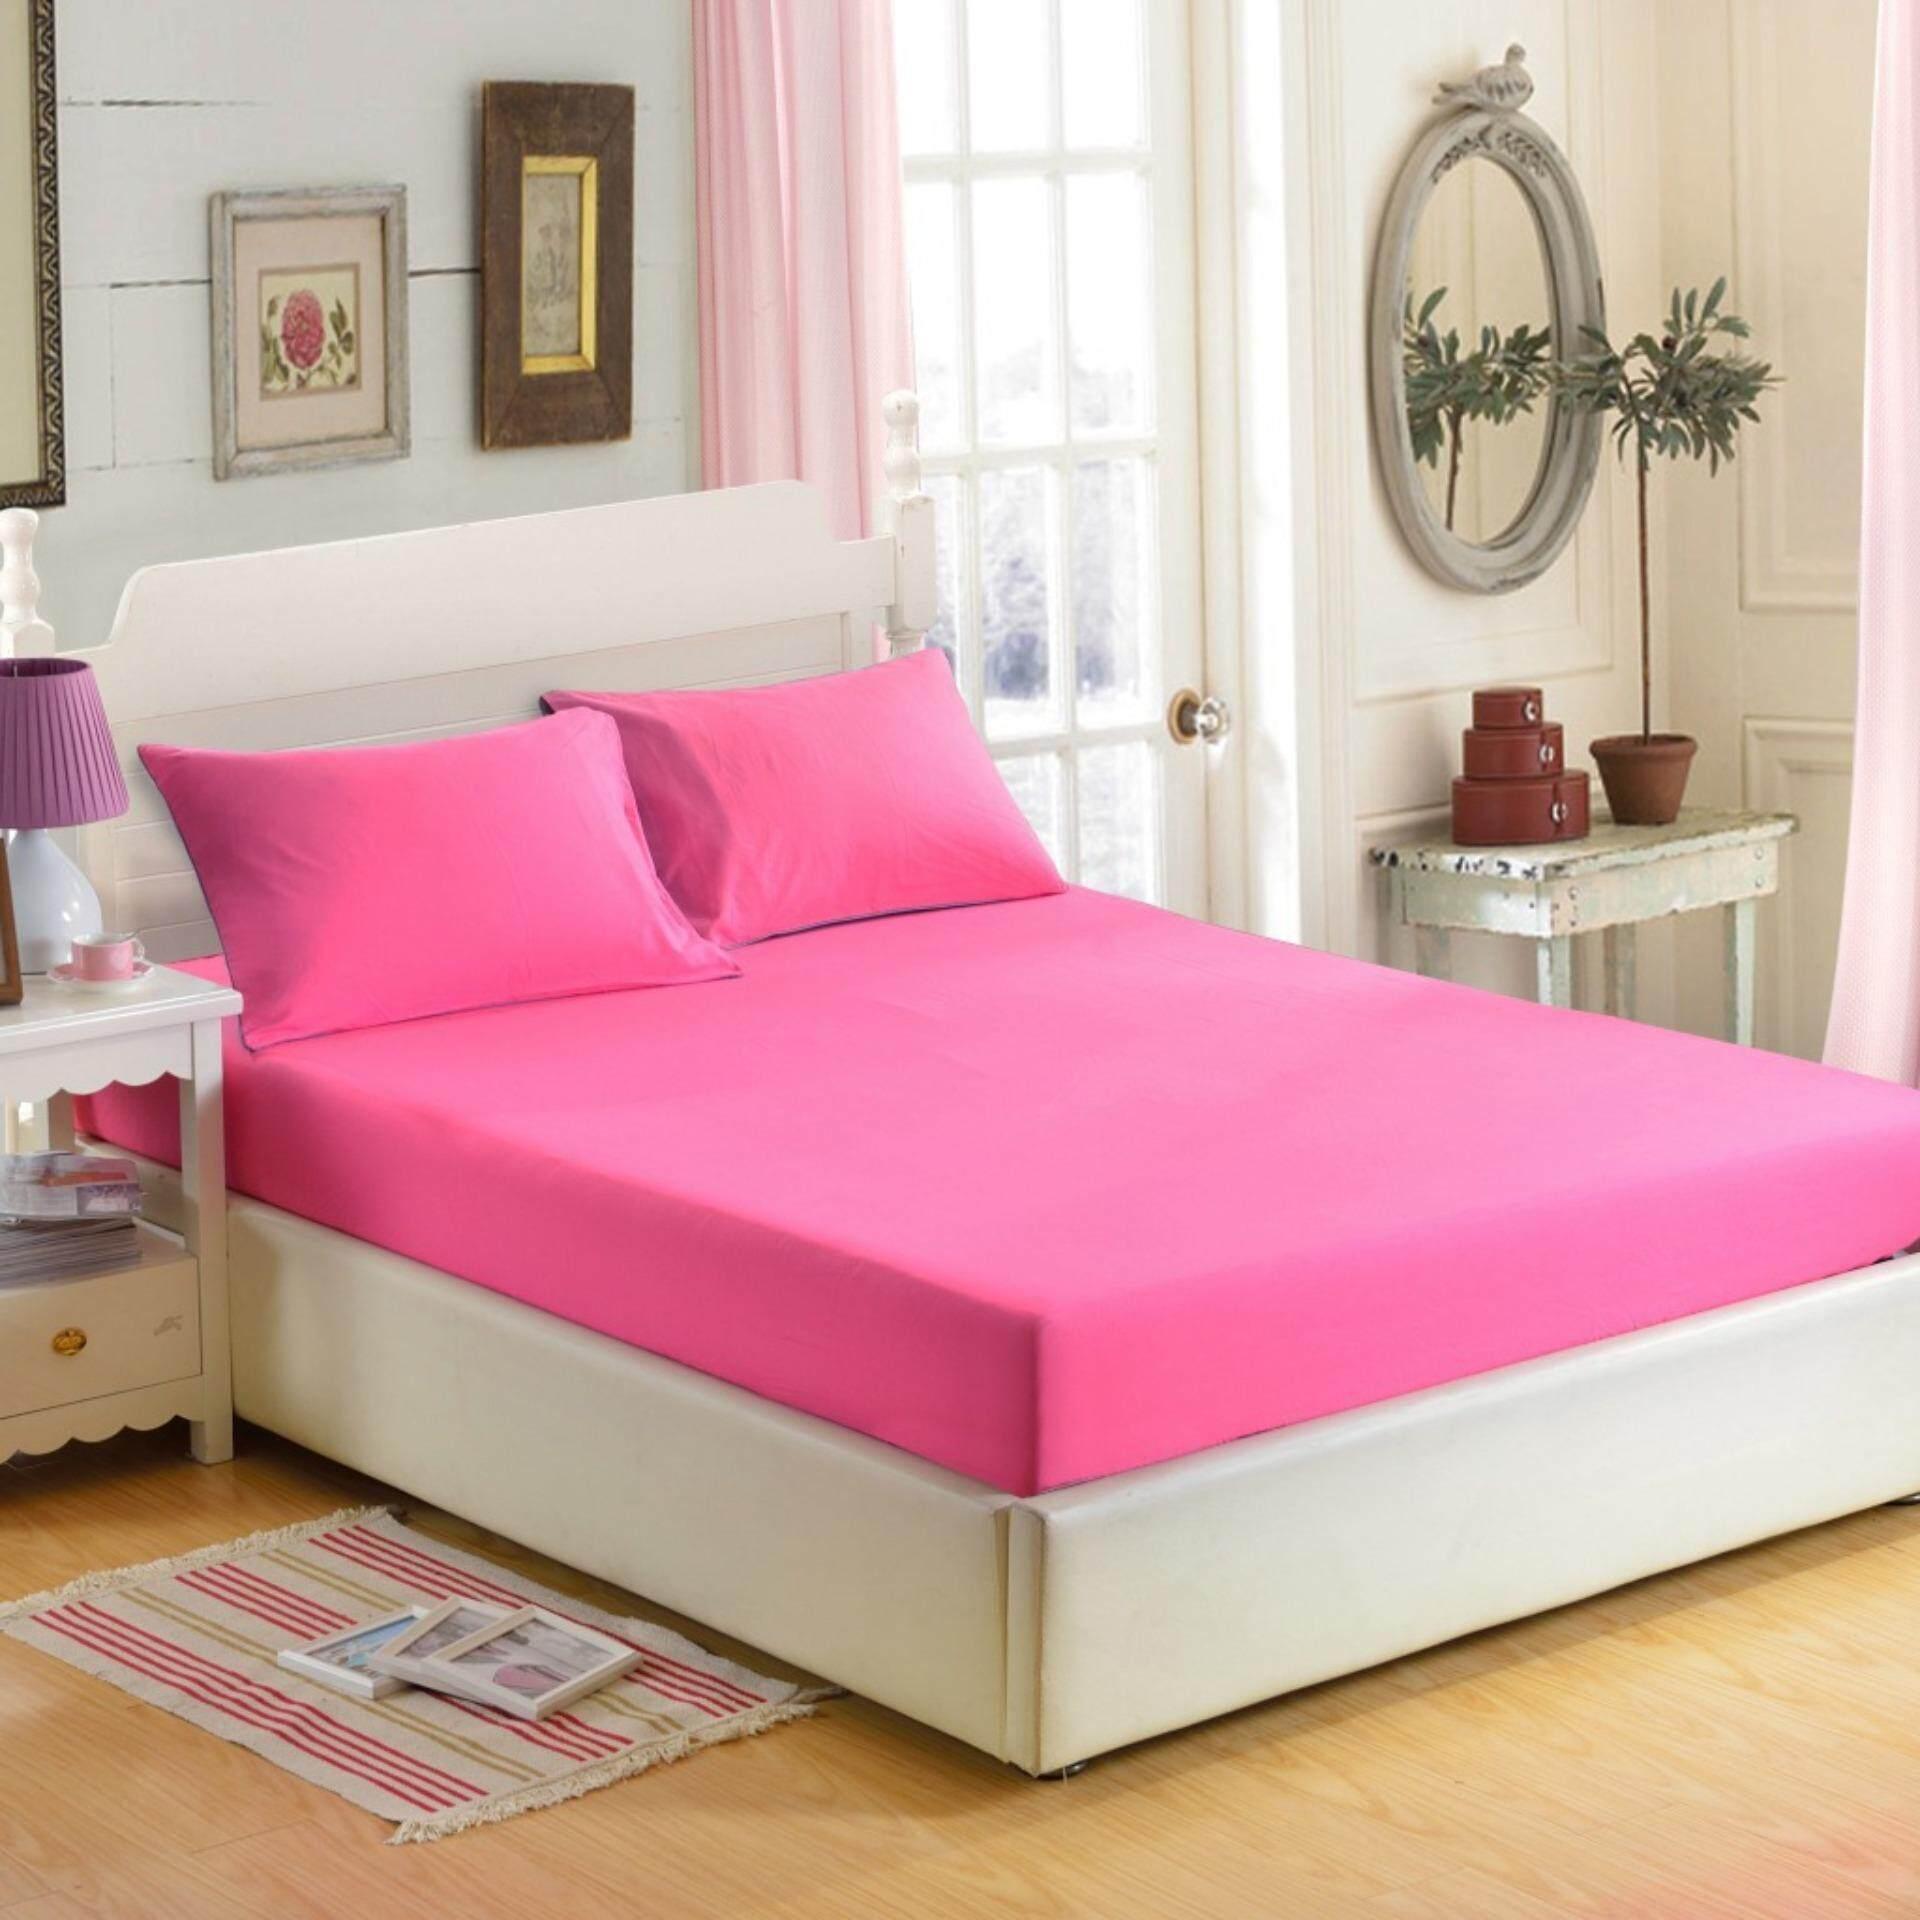 ราคา Dsd 003 ชุดผ้าปูที่นอน 5 ชิ้น 5 ฟุต พื้นสีชมพูอมแดงอ่อน ใน กรุงเทพมหานคร